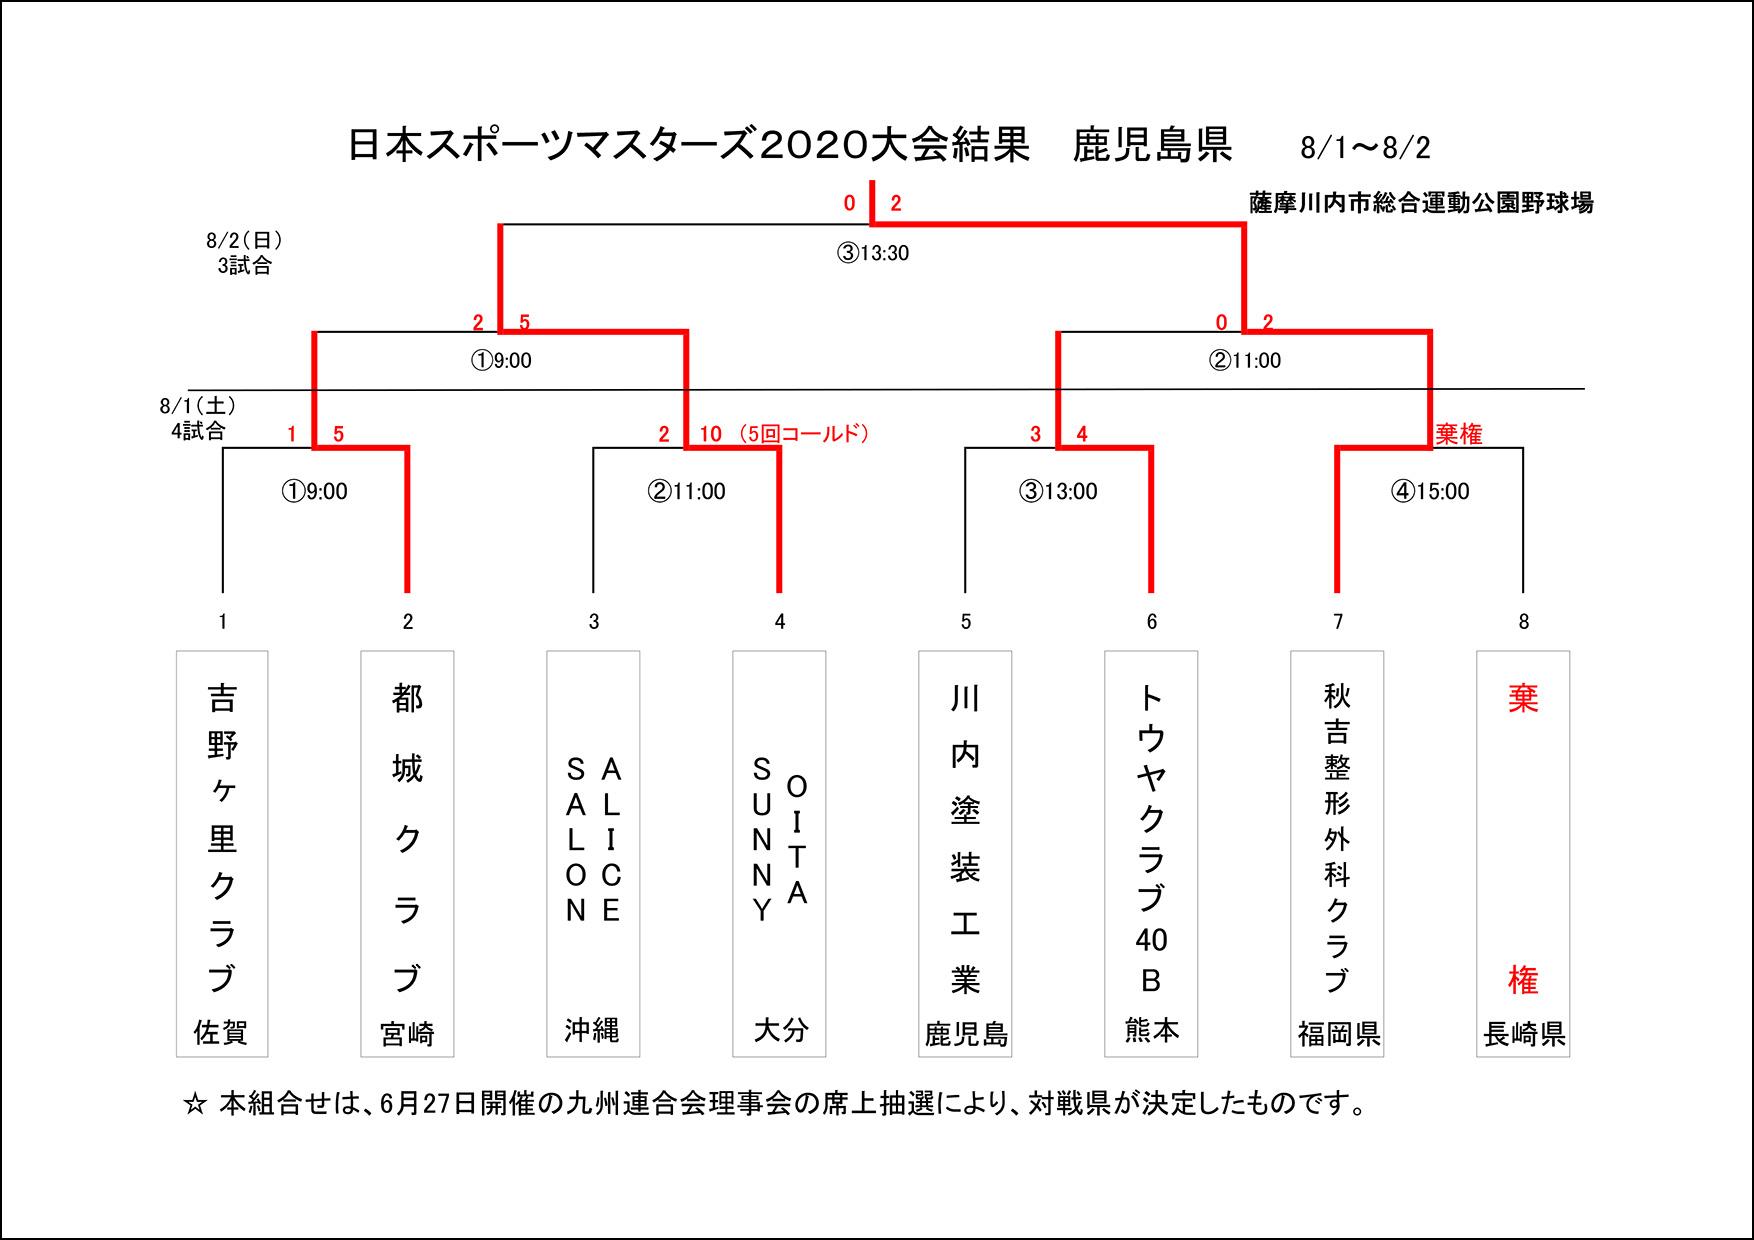 【結果】日本スポーツマスターズ2020九州大会